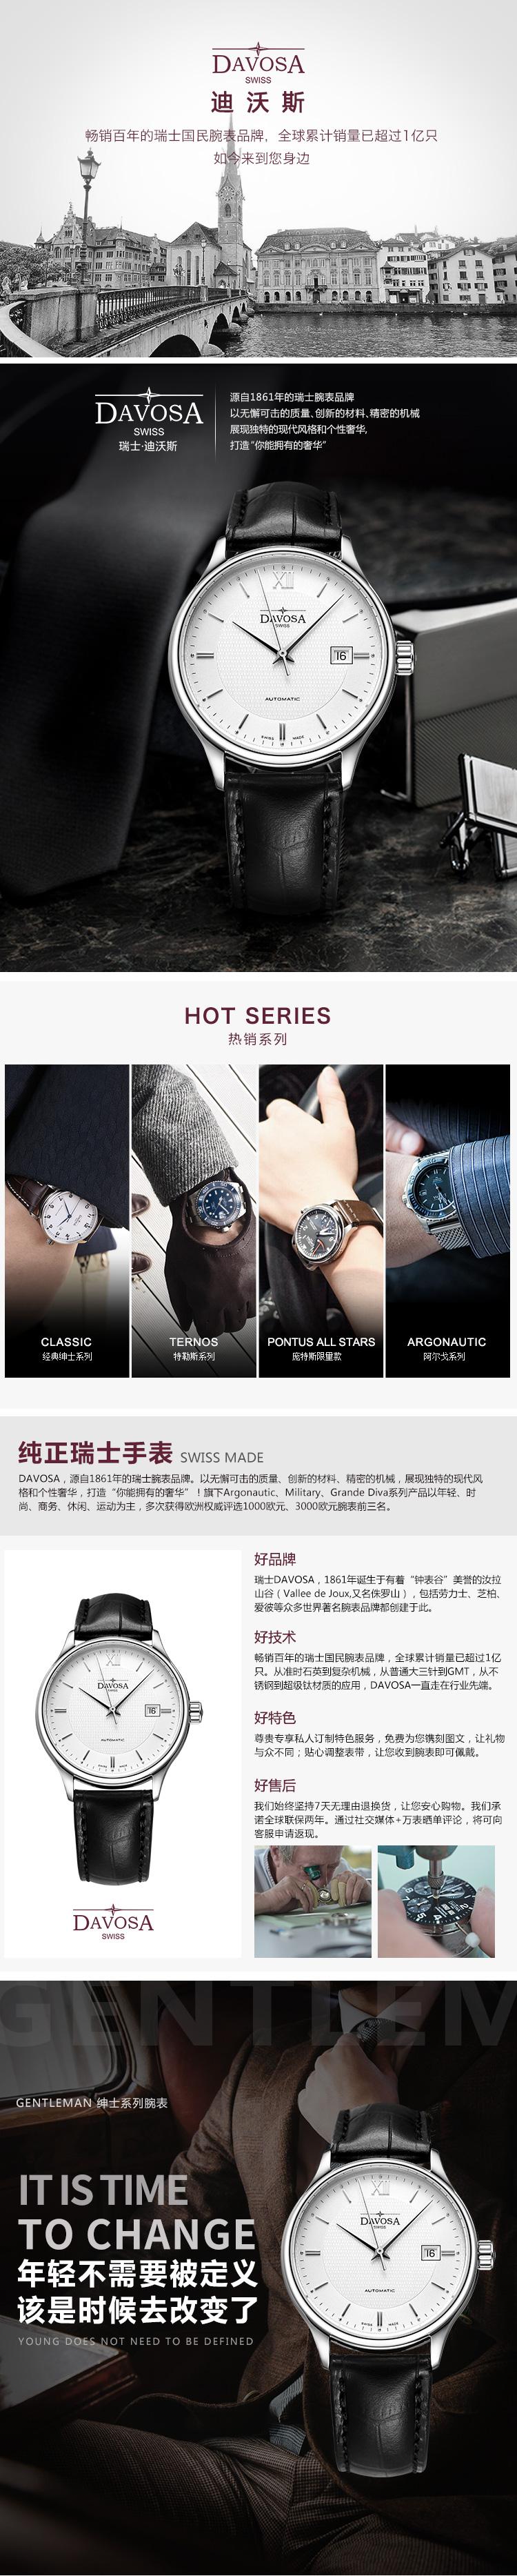 【已直降200元!】瑞士迪沃斯(DAVOSA) -Gentleman 绅士系列 Classic 经典之作 16145612 机械男表